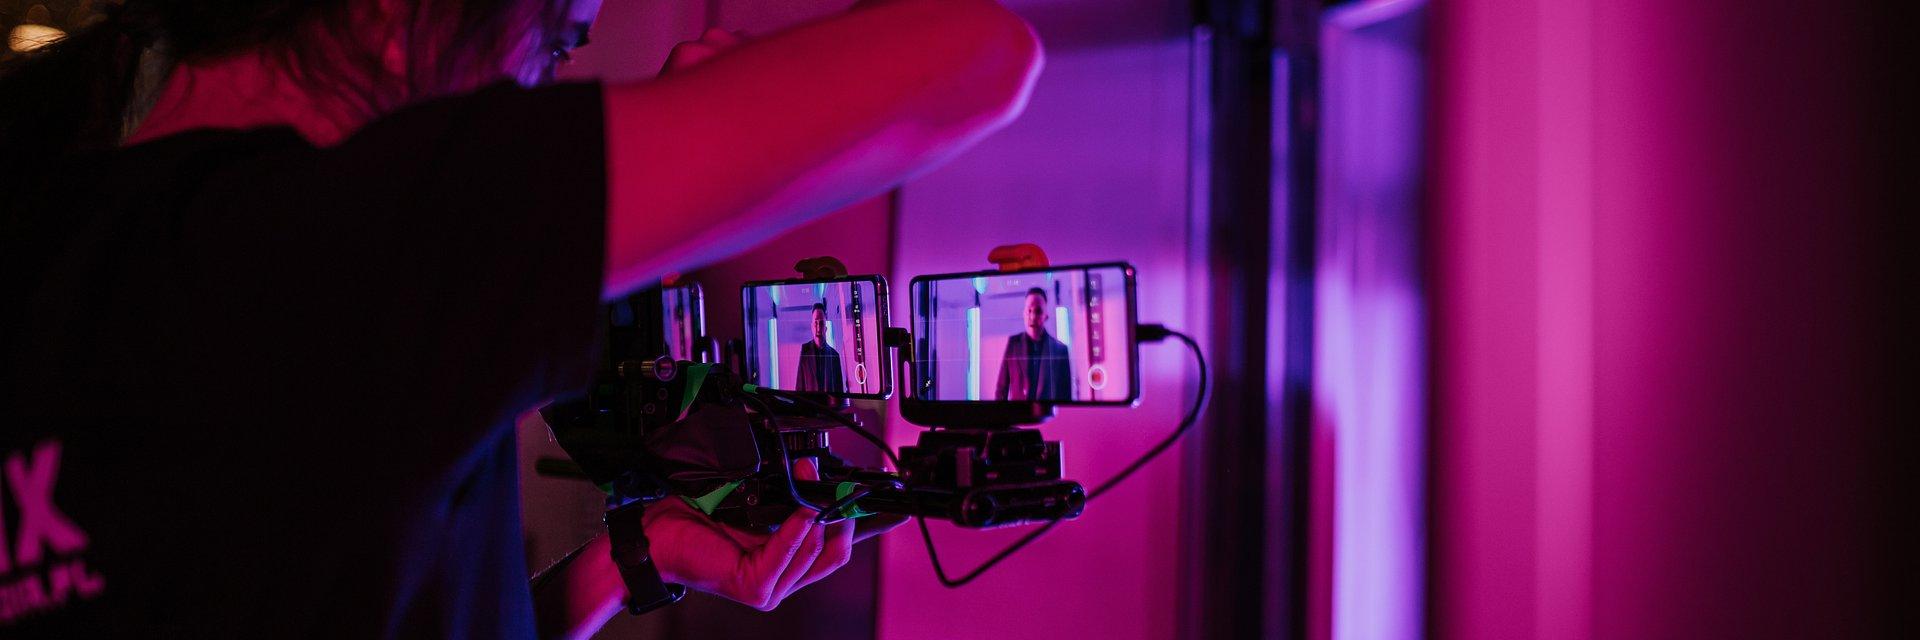 Ten Typ Mes, Gverilla i OPPO witają nowy rok singlem, do którego teledysk został nakręcony w całości smartfonami OPPO Reno4 Pro 5G.